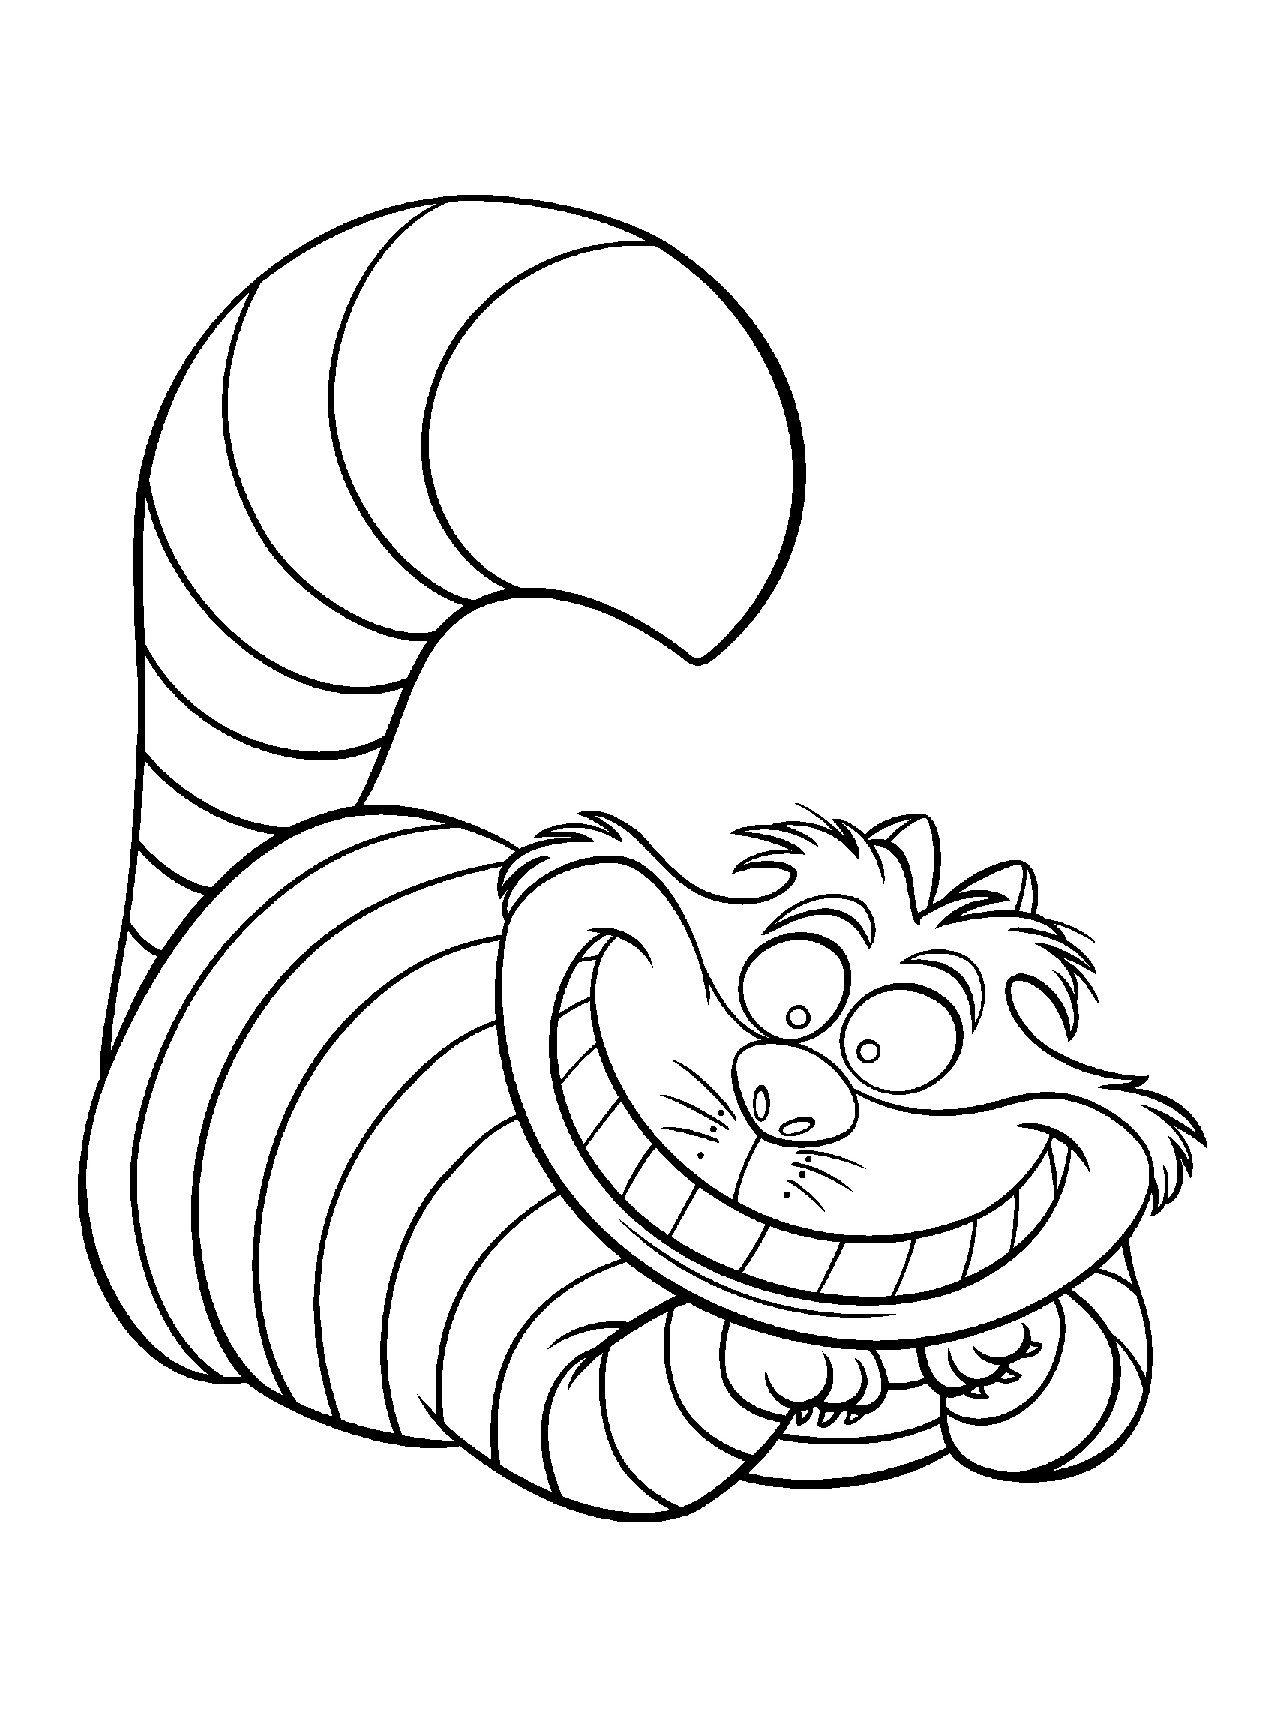 Pour Imprimer Ce Coloriage Gratuit «Coloriage-Alice-Aux destiné Telecharger Des Coloriage